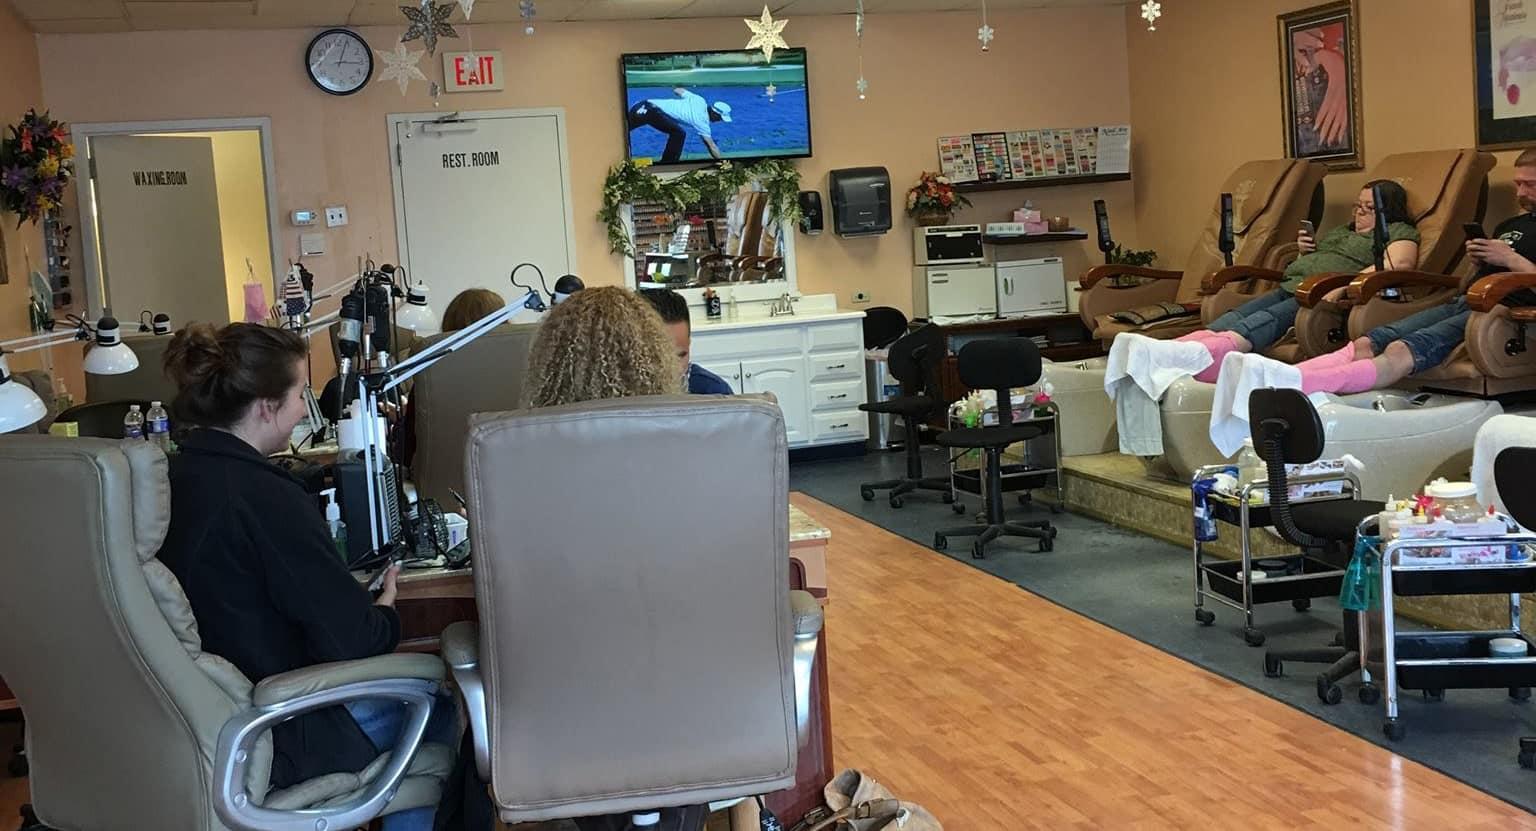 Cần tuyển thợ nail local tại Hornell, NY-14843